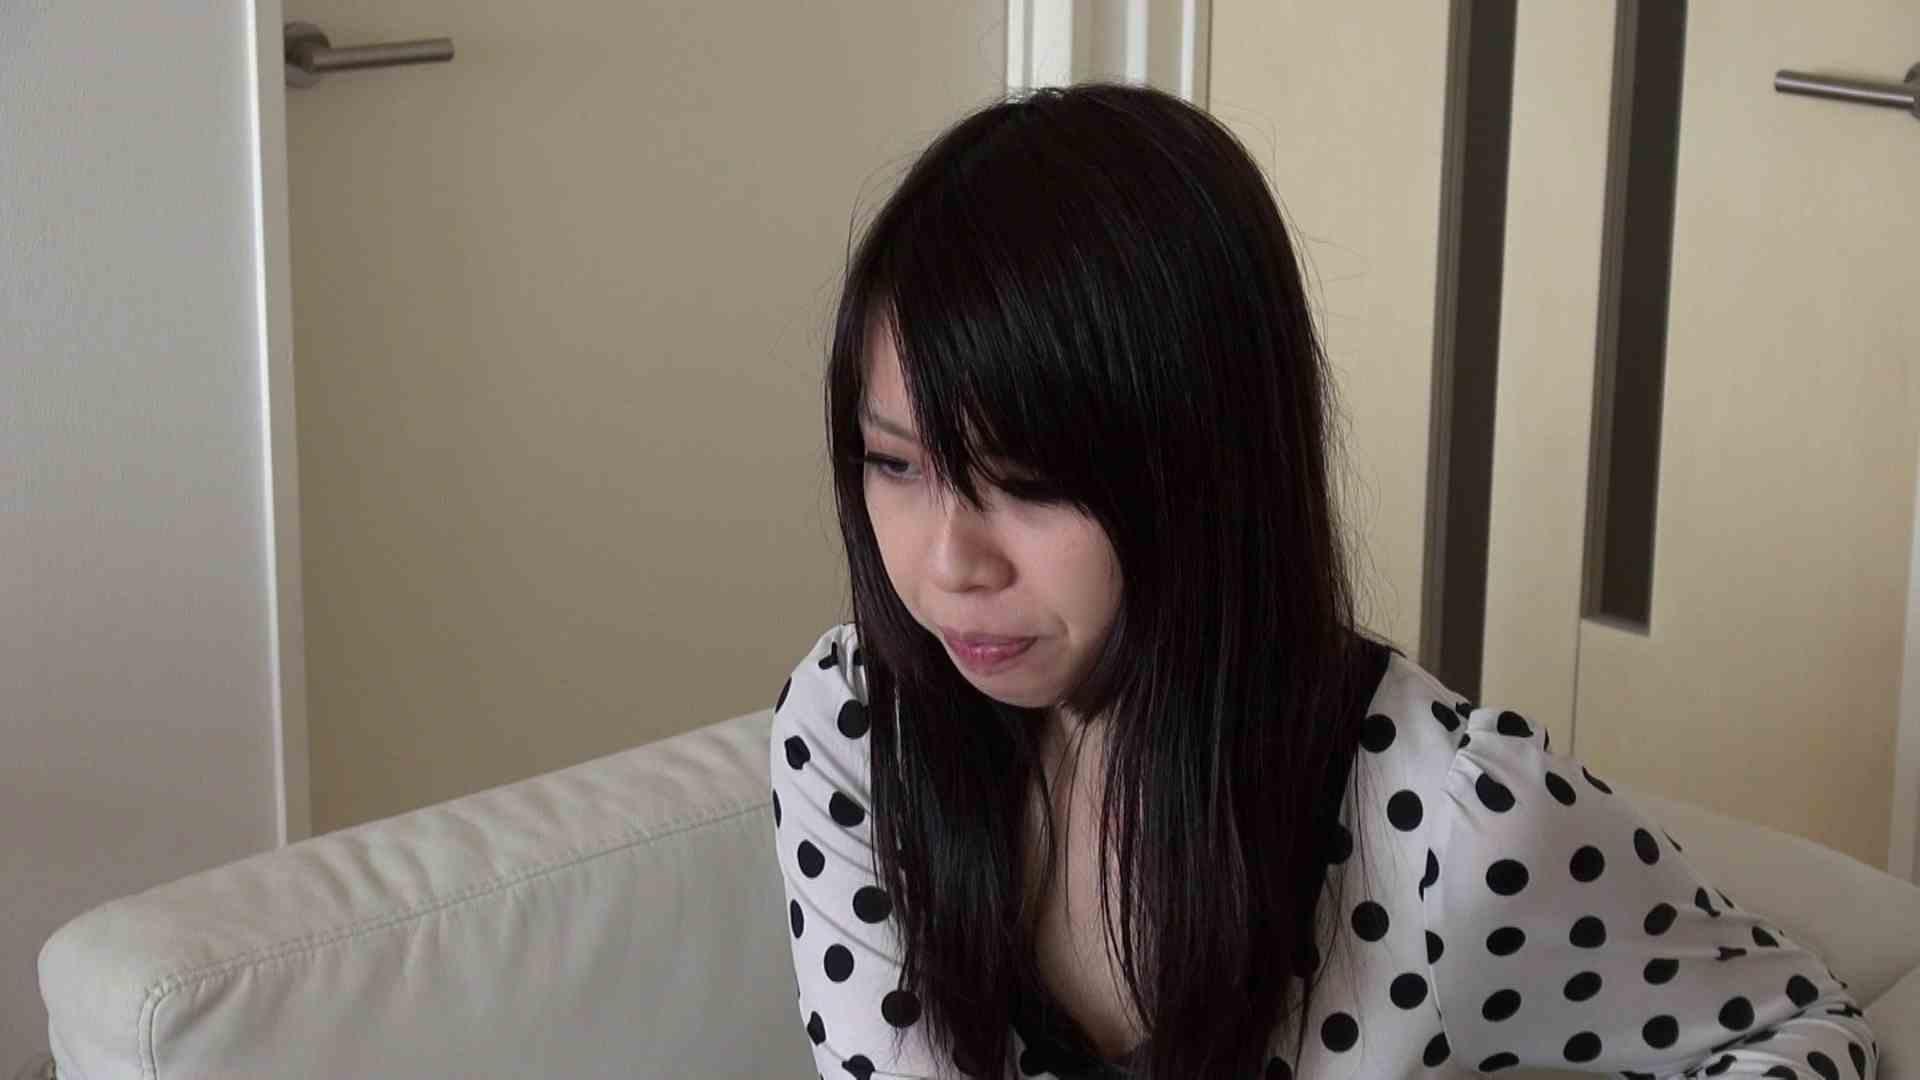 自宅で今回の出演までの経緯を語る志穂さん 覗き ワレメ無修正動画無料 80PIX 31